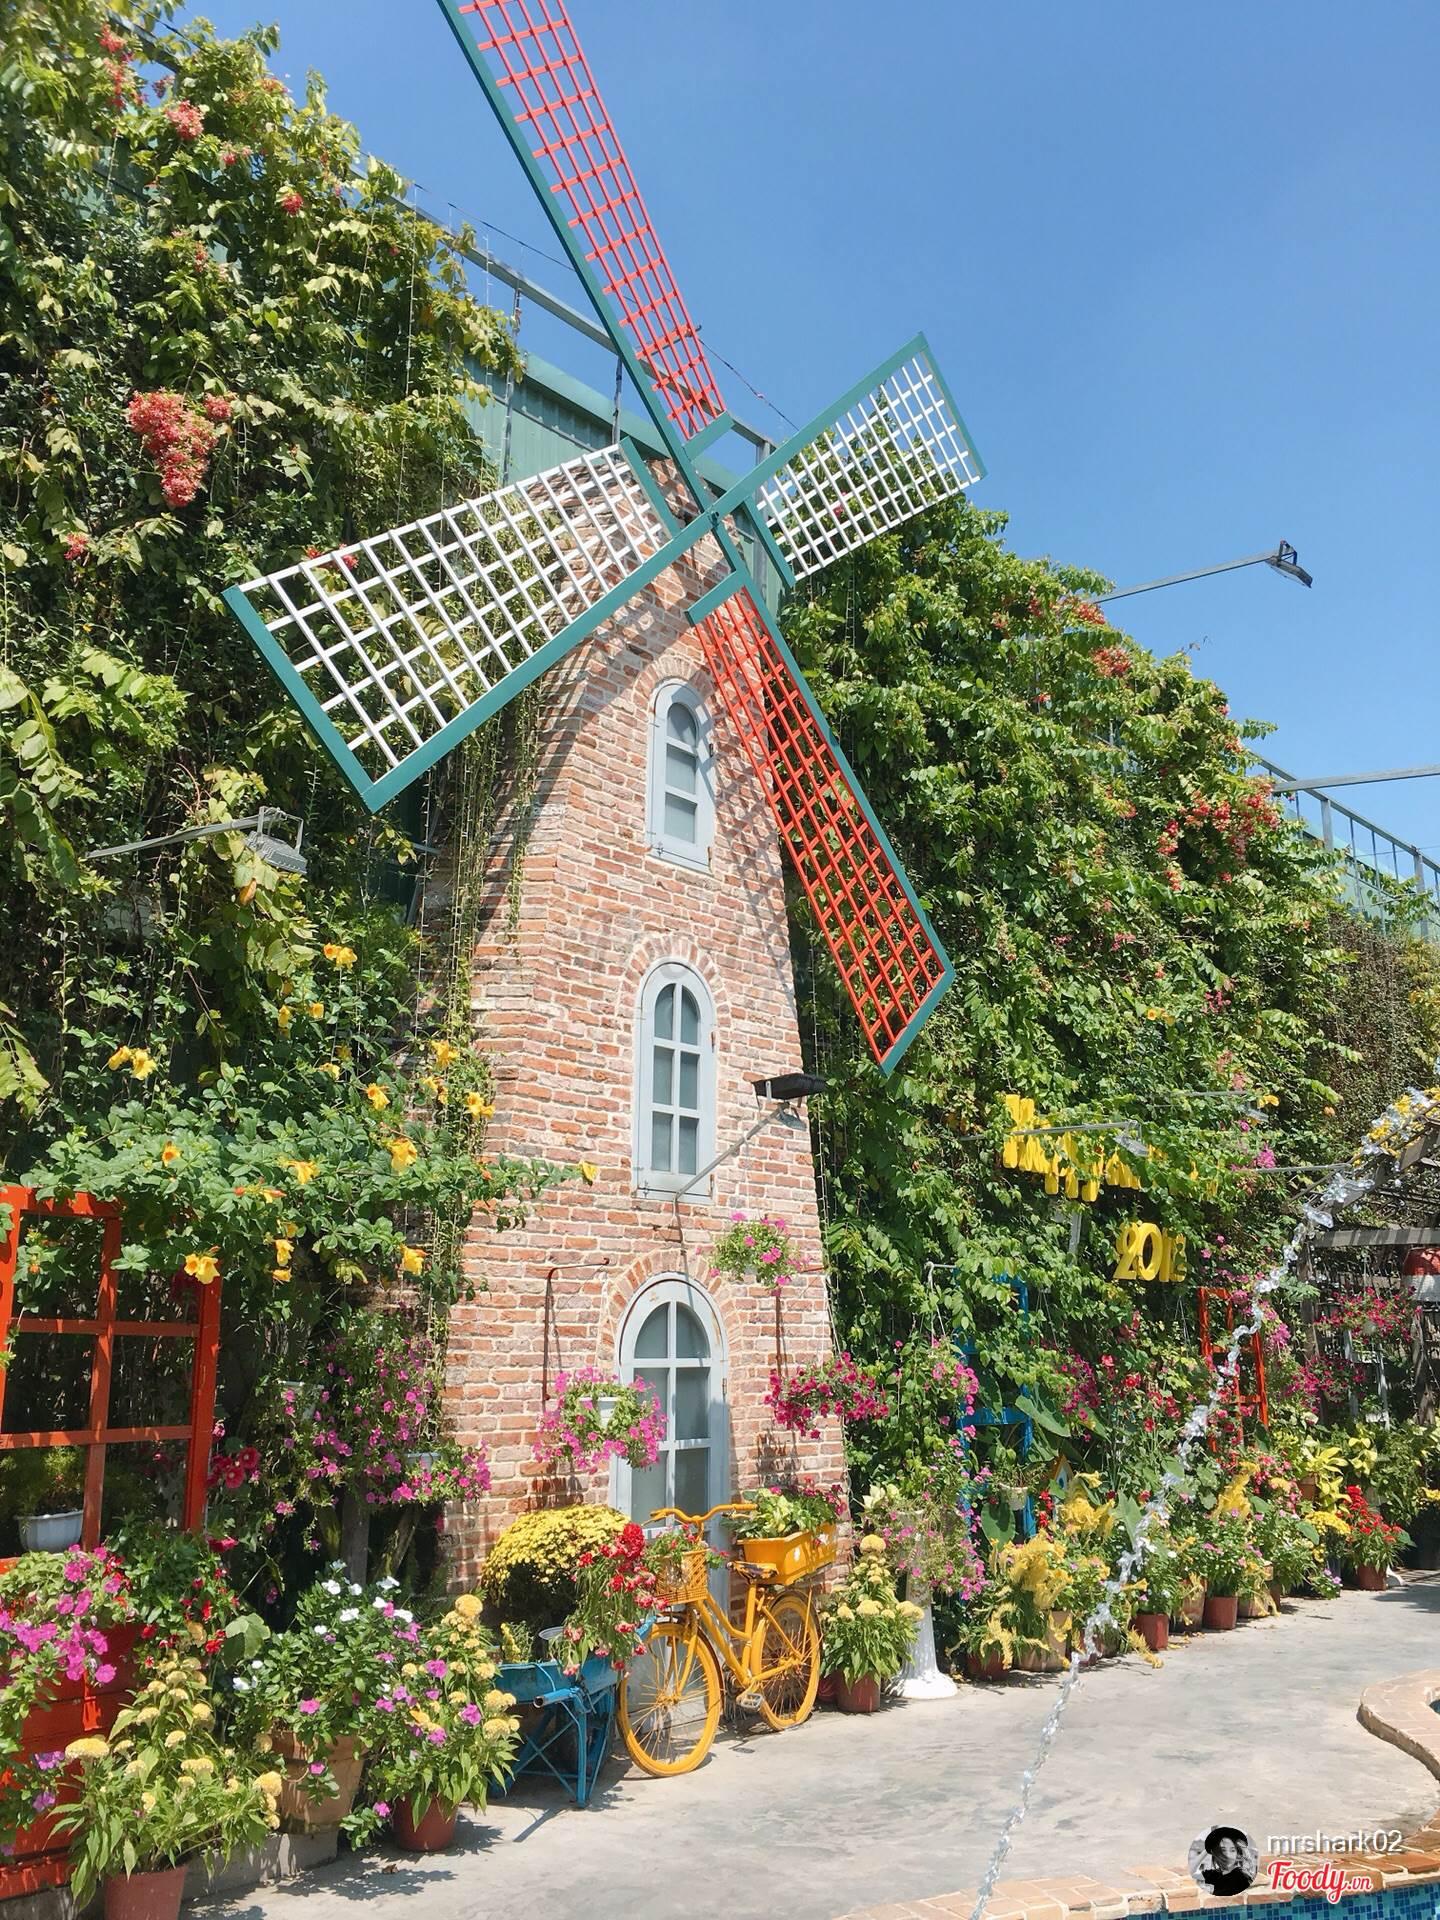 5 quán cà phê sân vườn thích hợp làm địa điểm họp lớp ngày 20/11 ở TP HCM - Ảnh 9.